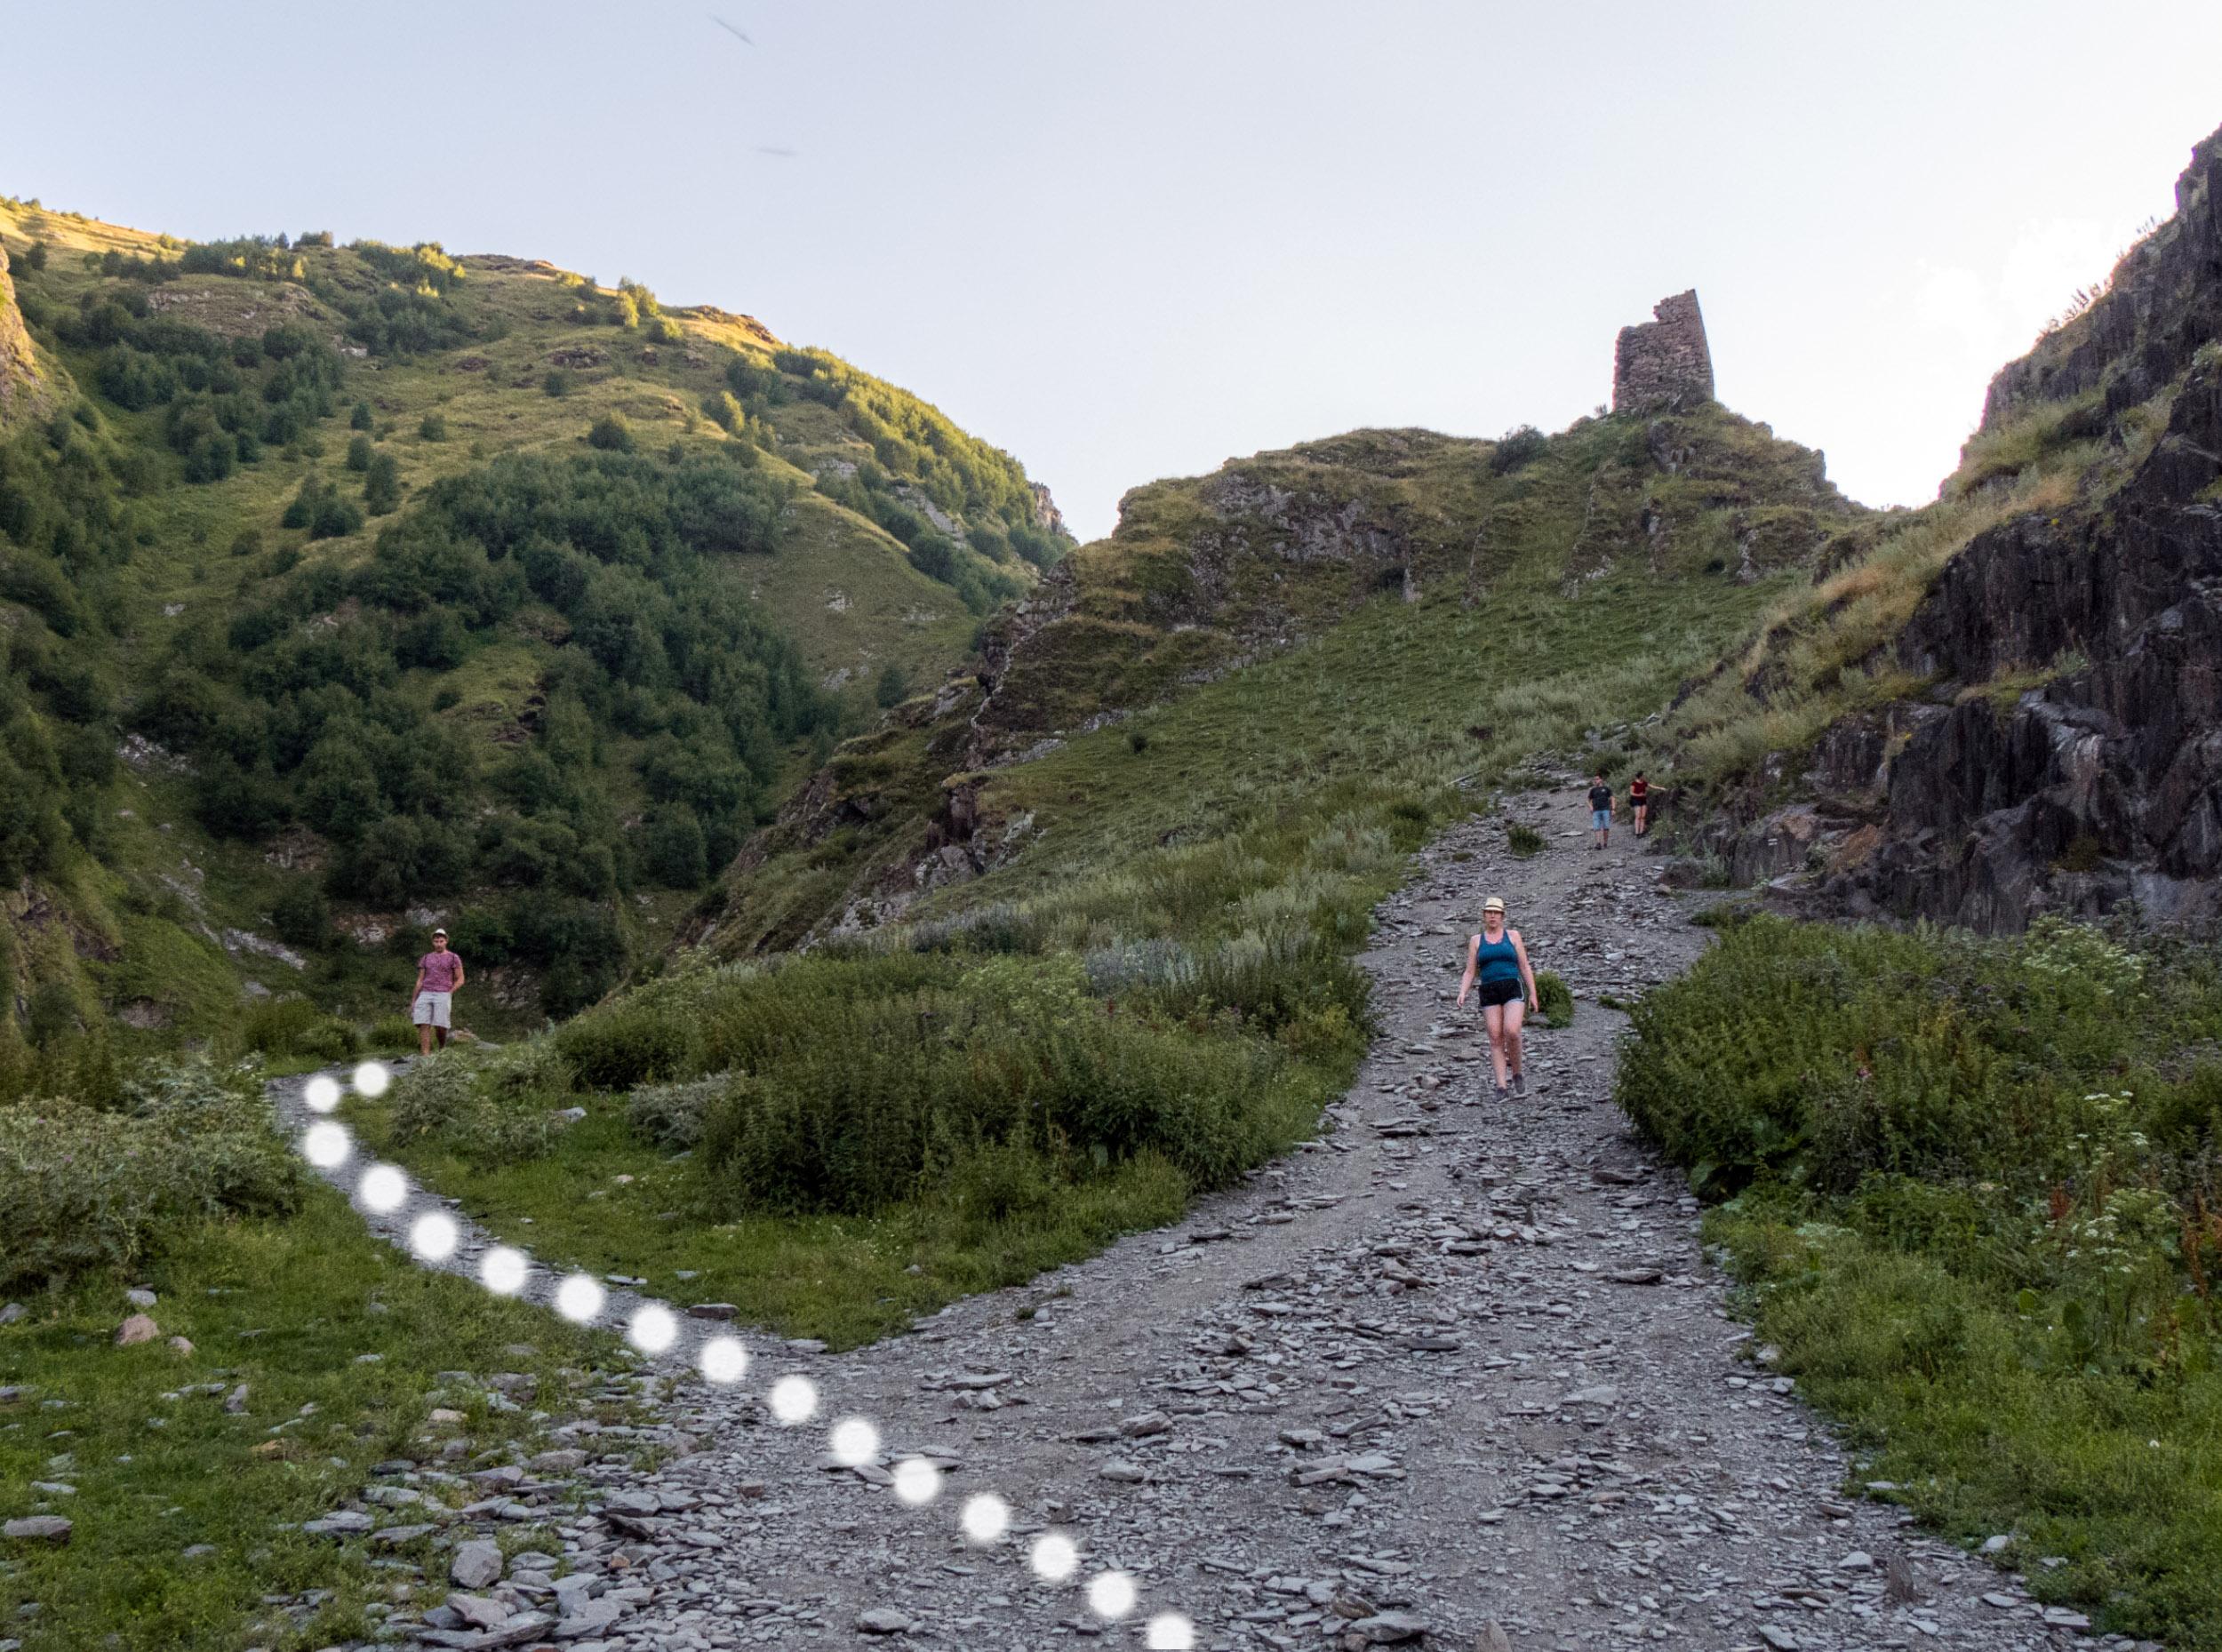 Gergeti Trinity Hike in Kazbegi, Georgia